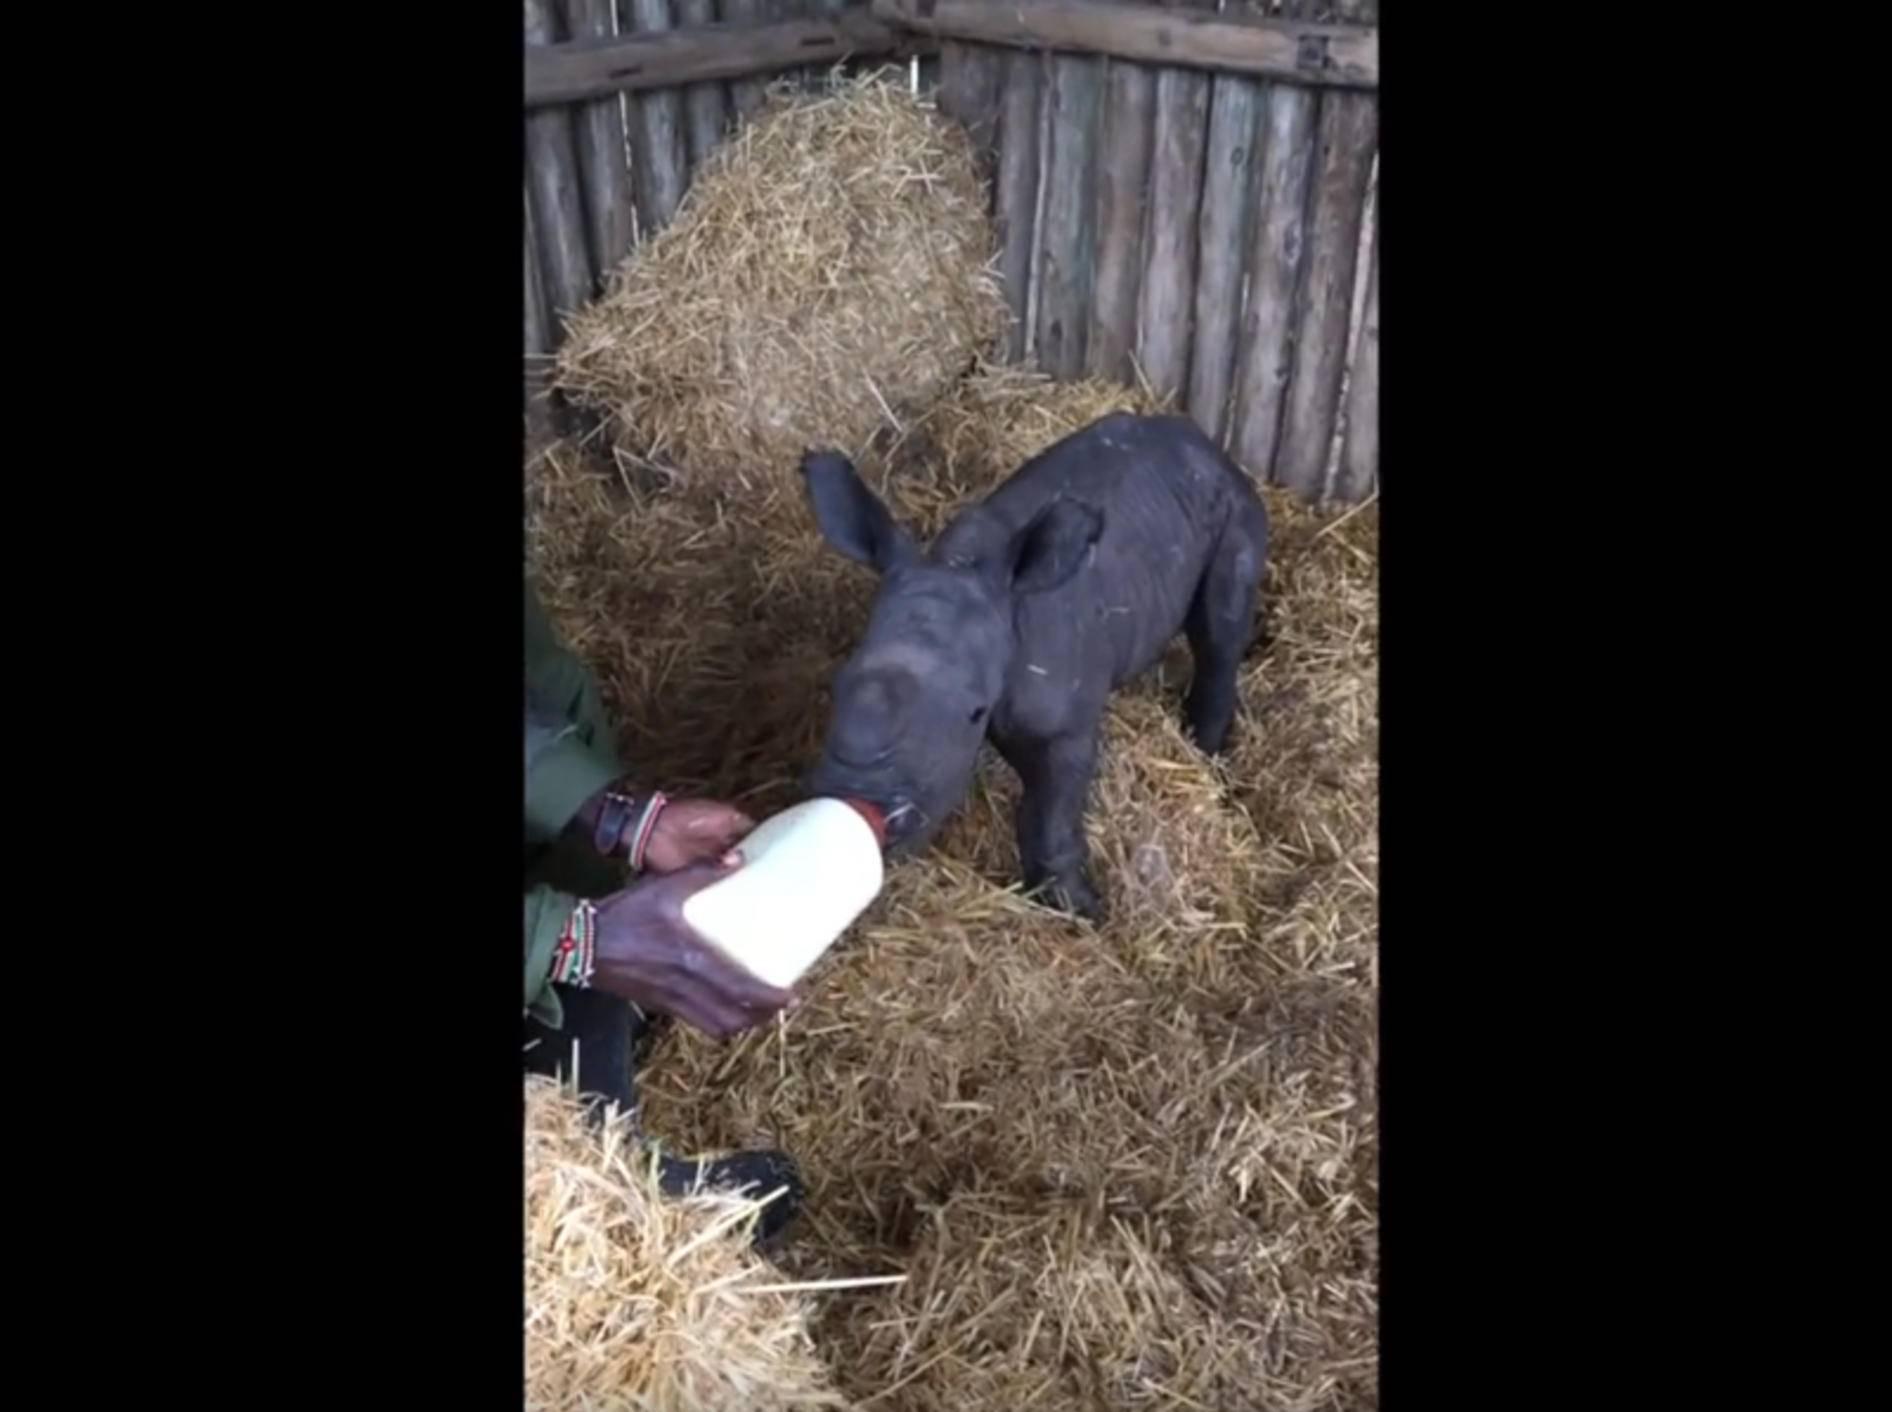 Kleines Nashorn wird liebevoll aufgepäppelt – YouTube / OlPejetaConservancy